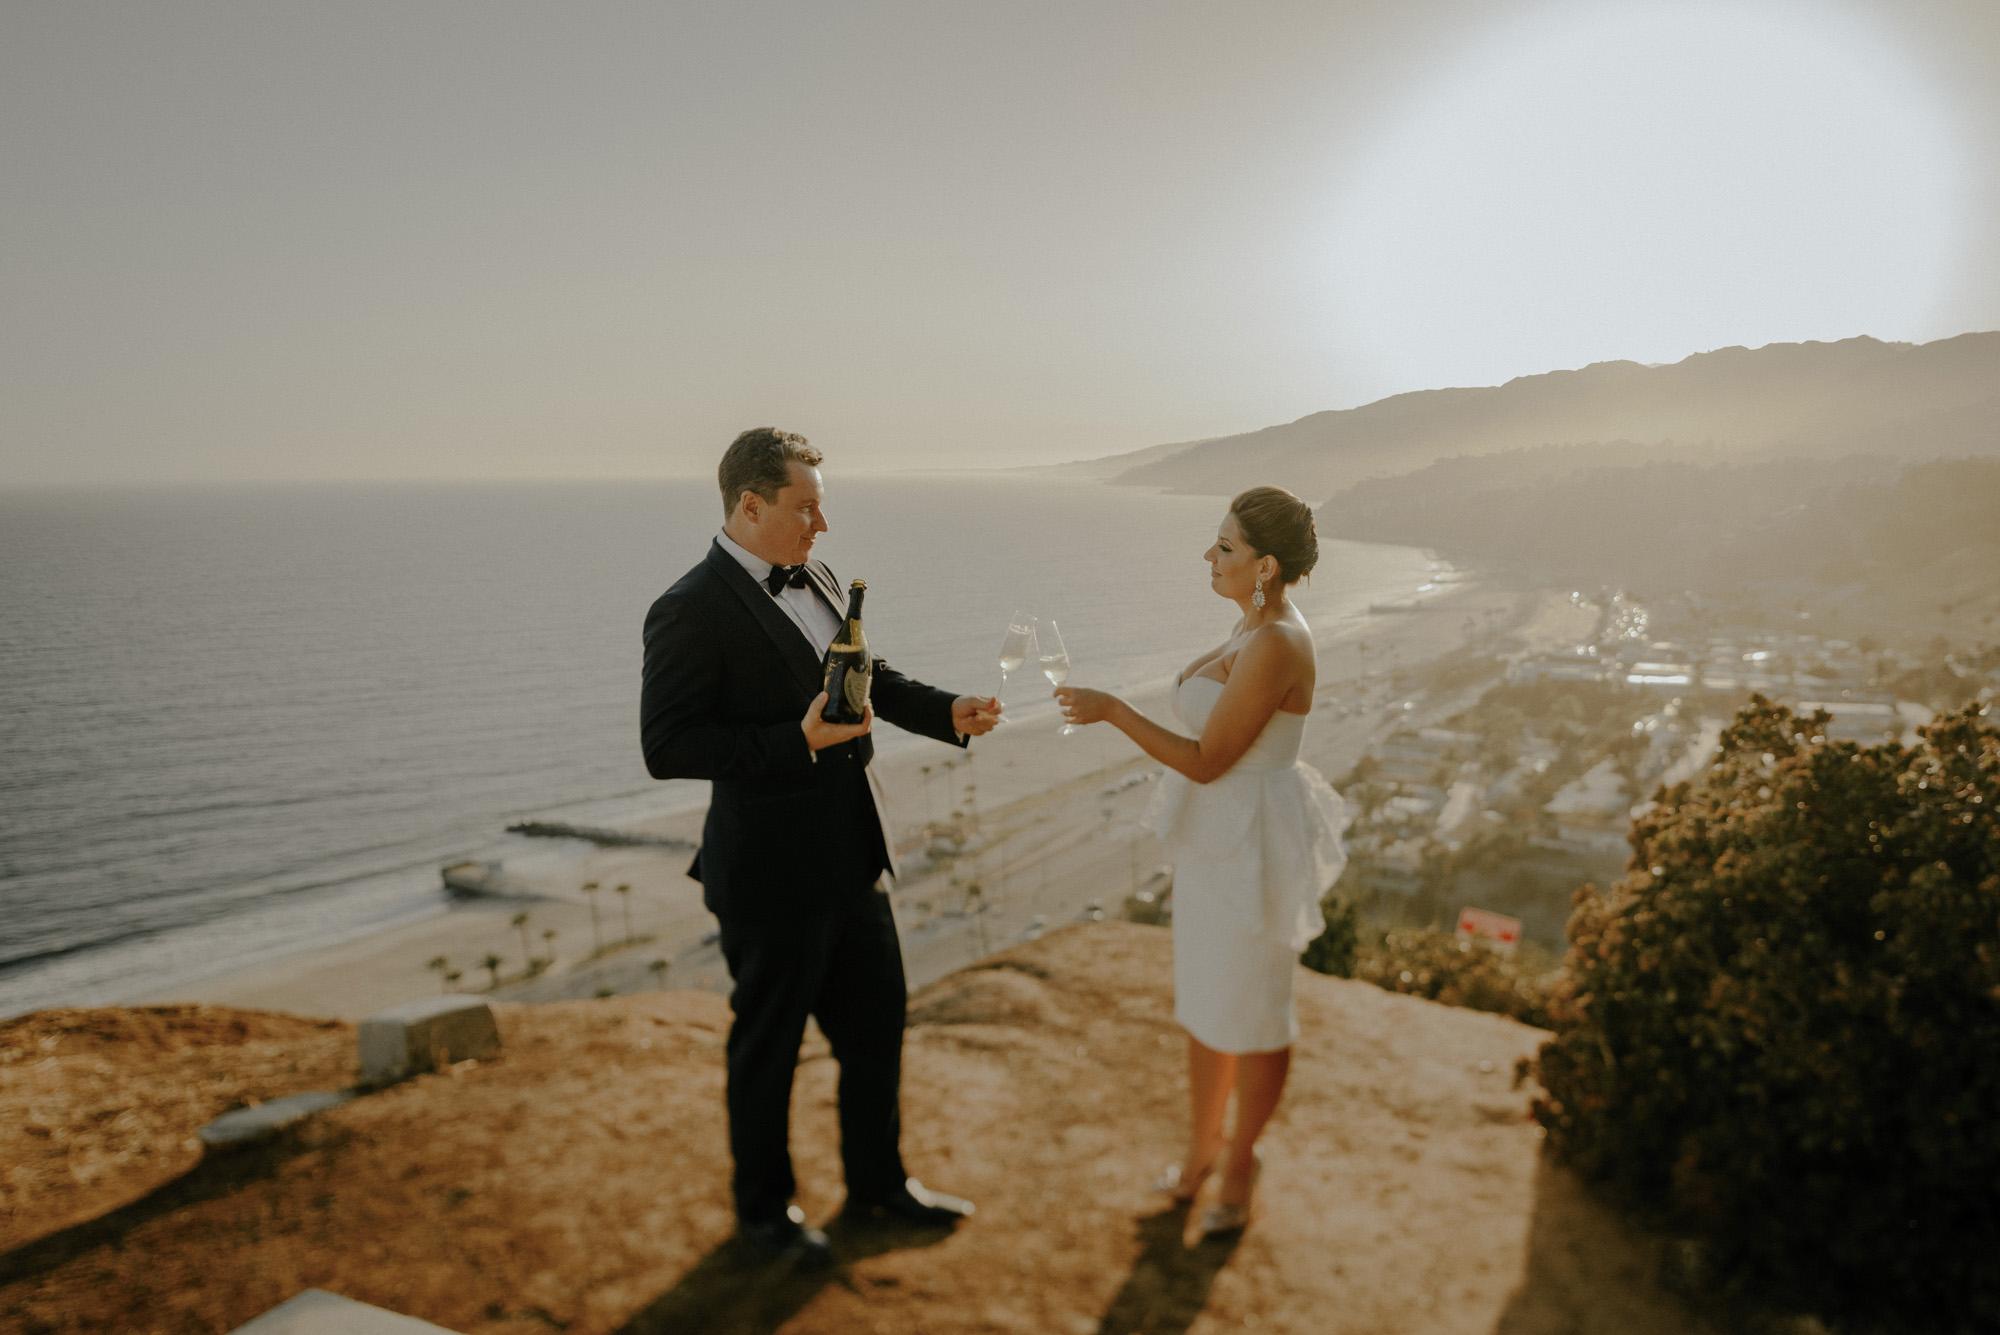 Ebony-Jason-Wedding-Indulge-Magazine-13-of-16.jpg